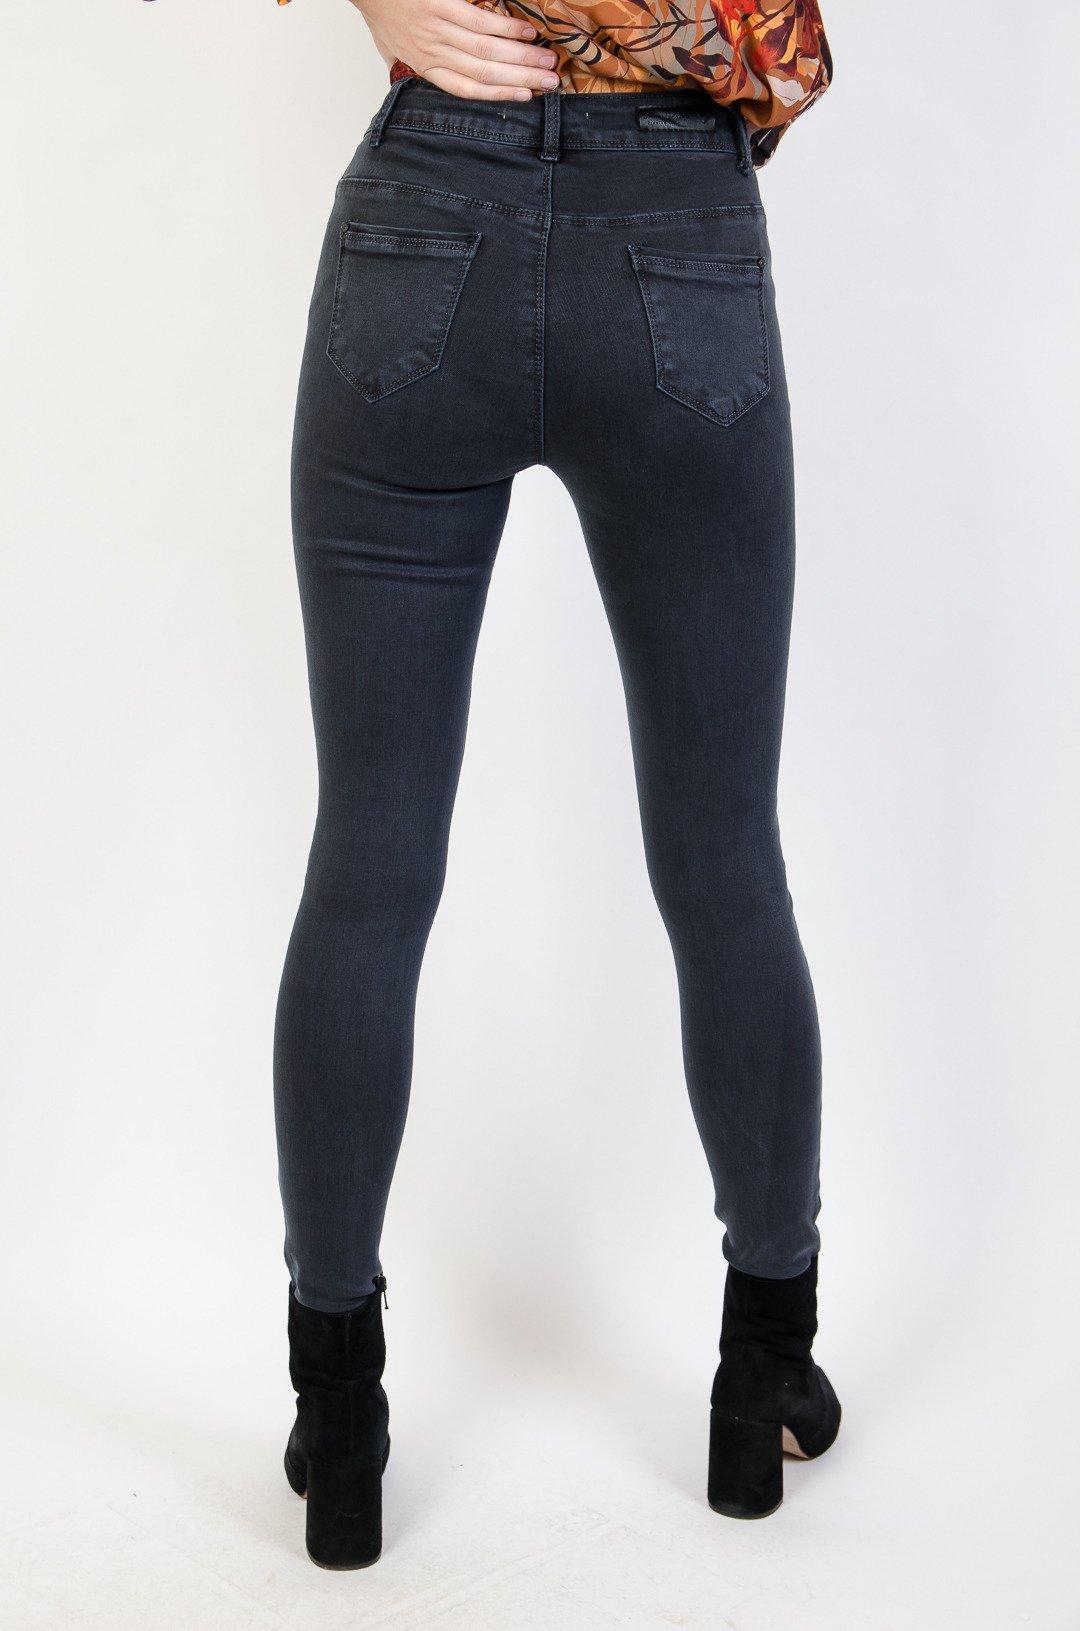 d917086a0dbf35 Grafitowe spodnie jeansowe super skinny; Grafitowe spodnie jeansowe super  skinny ...